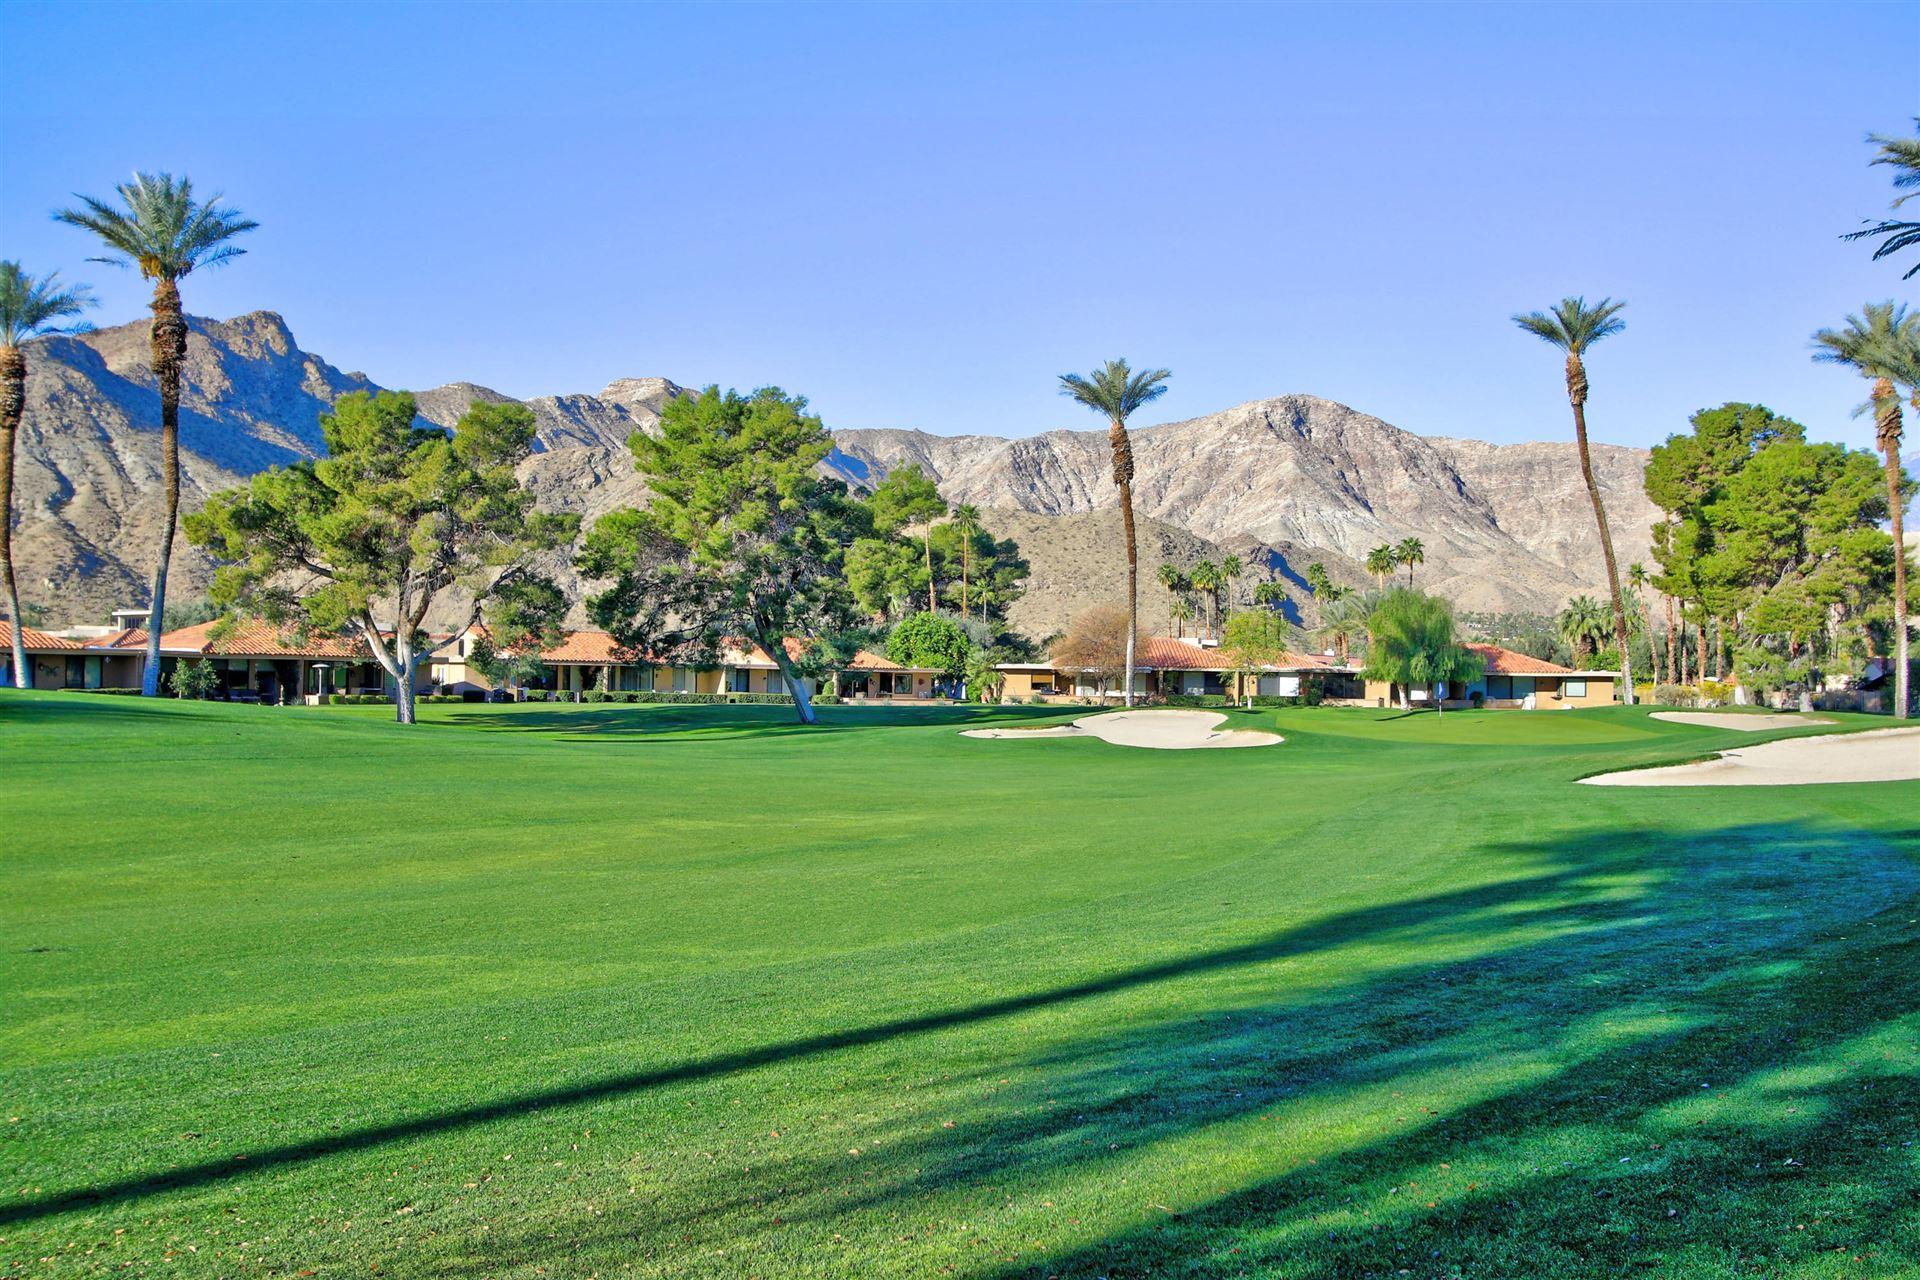 26 Palma Drive, Rancho Mirage, CA 92270 - MLS#: 219039758